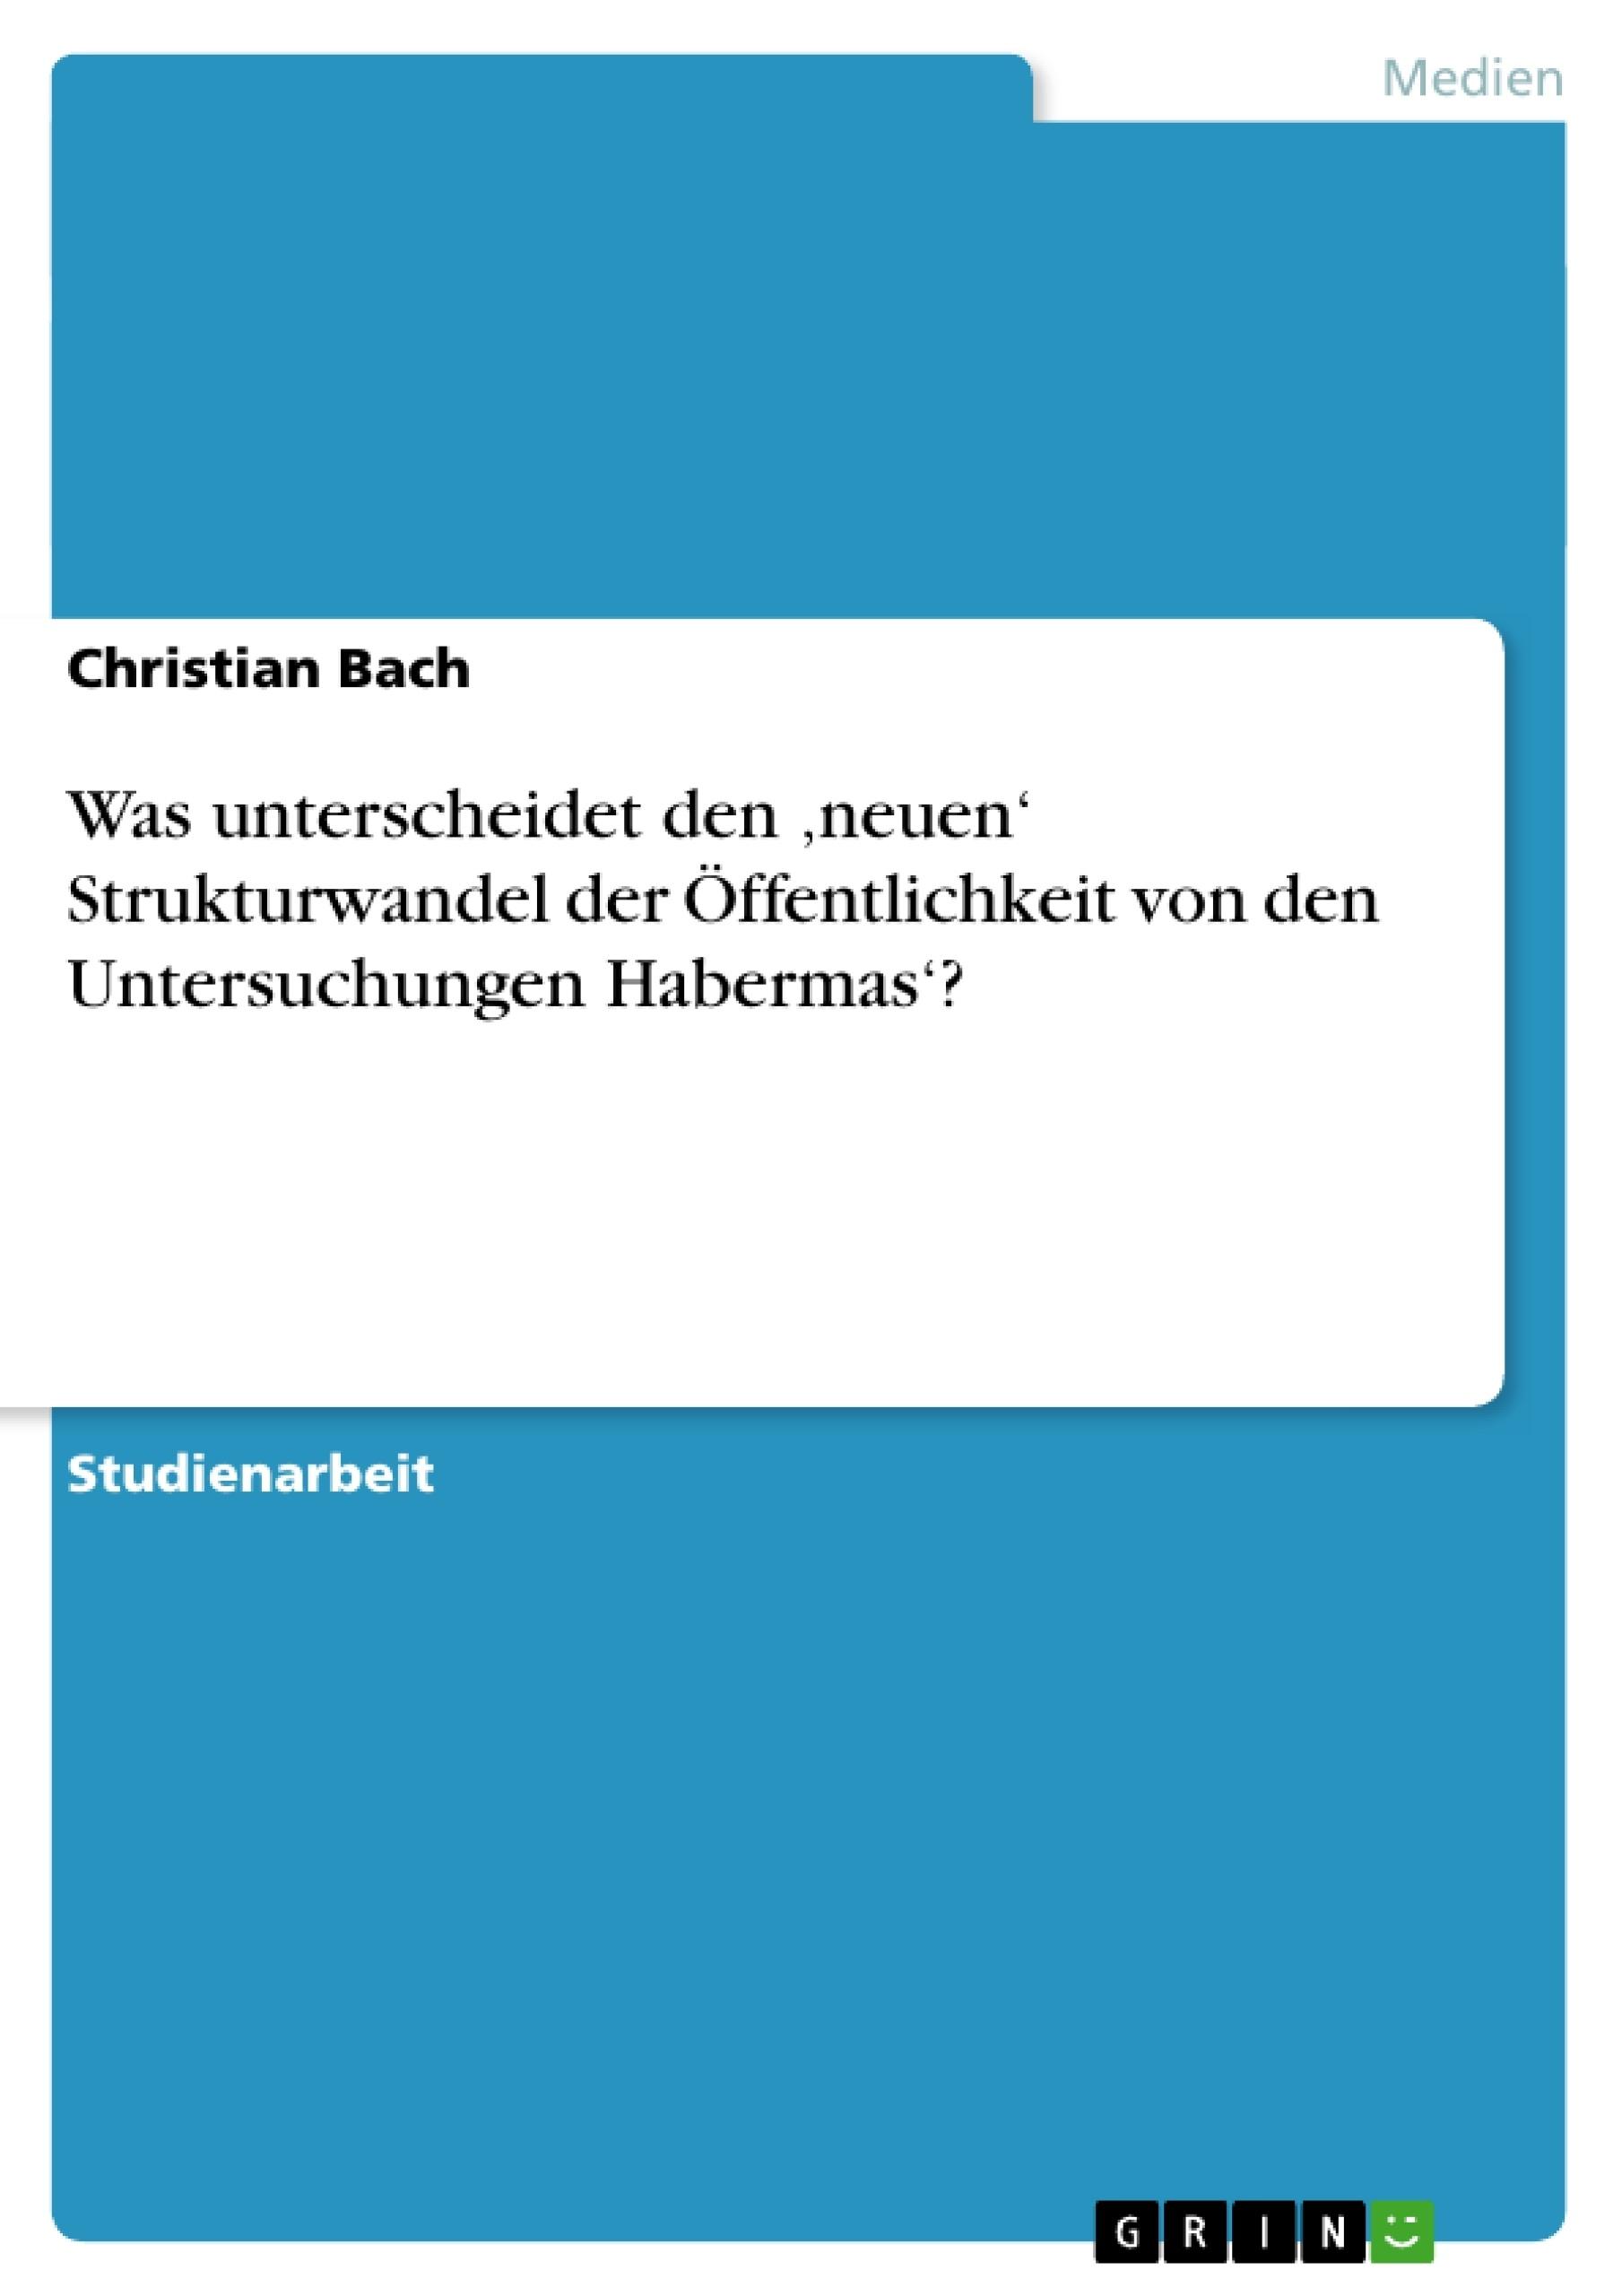 Titel: Was unterscheidet den 'neuen' Strukturwandel der Öffentlichkeit von den Untersuchungen Habermas'?